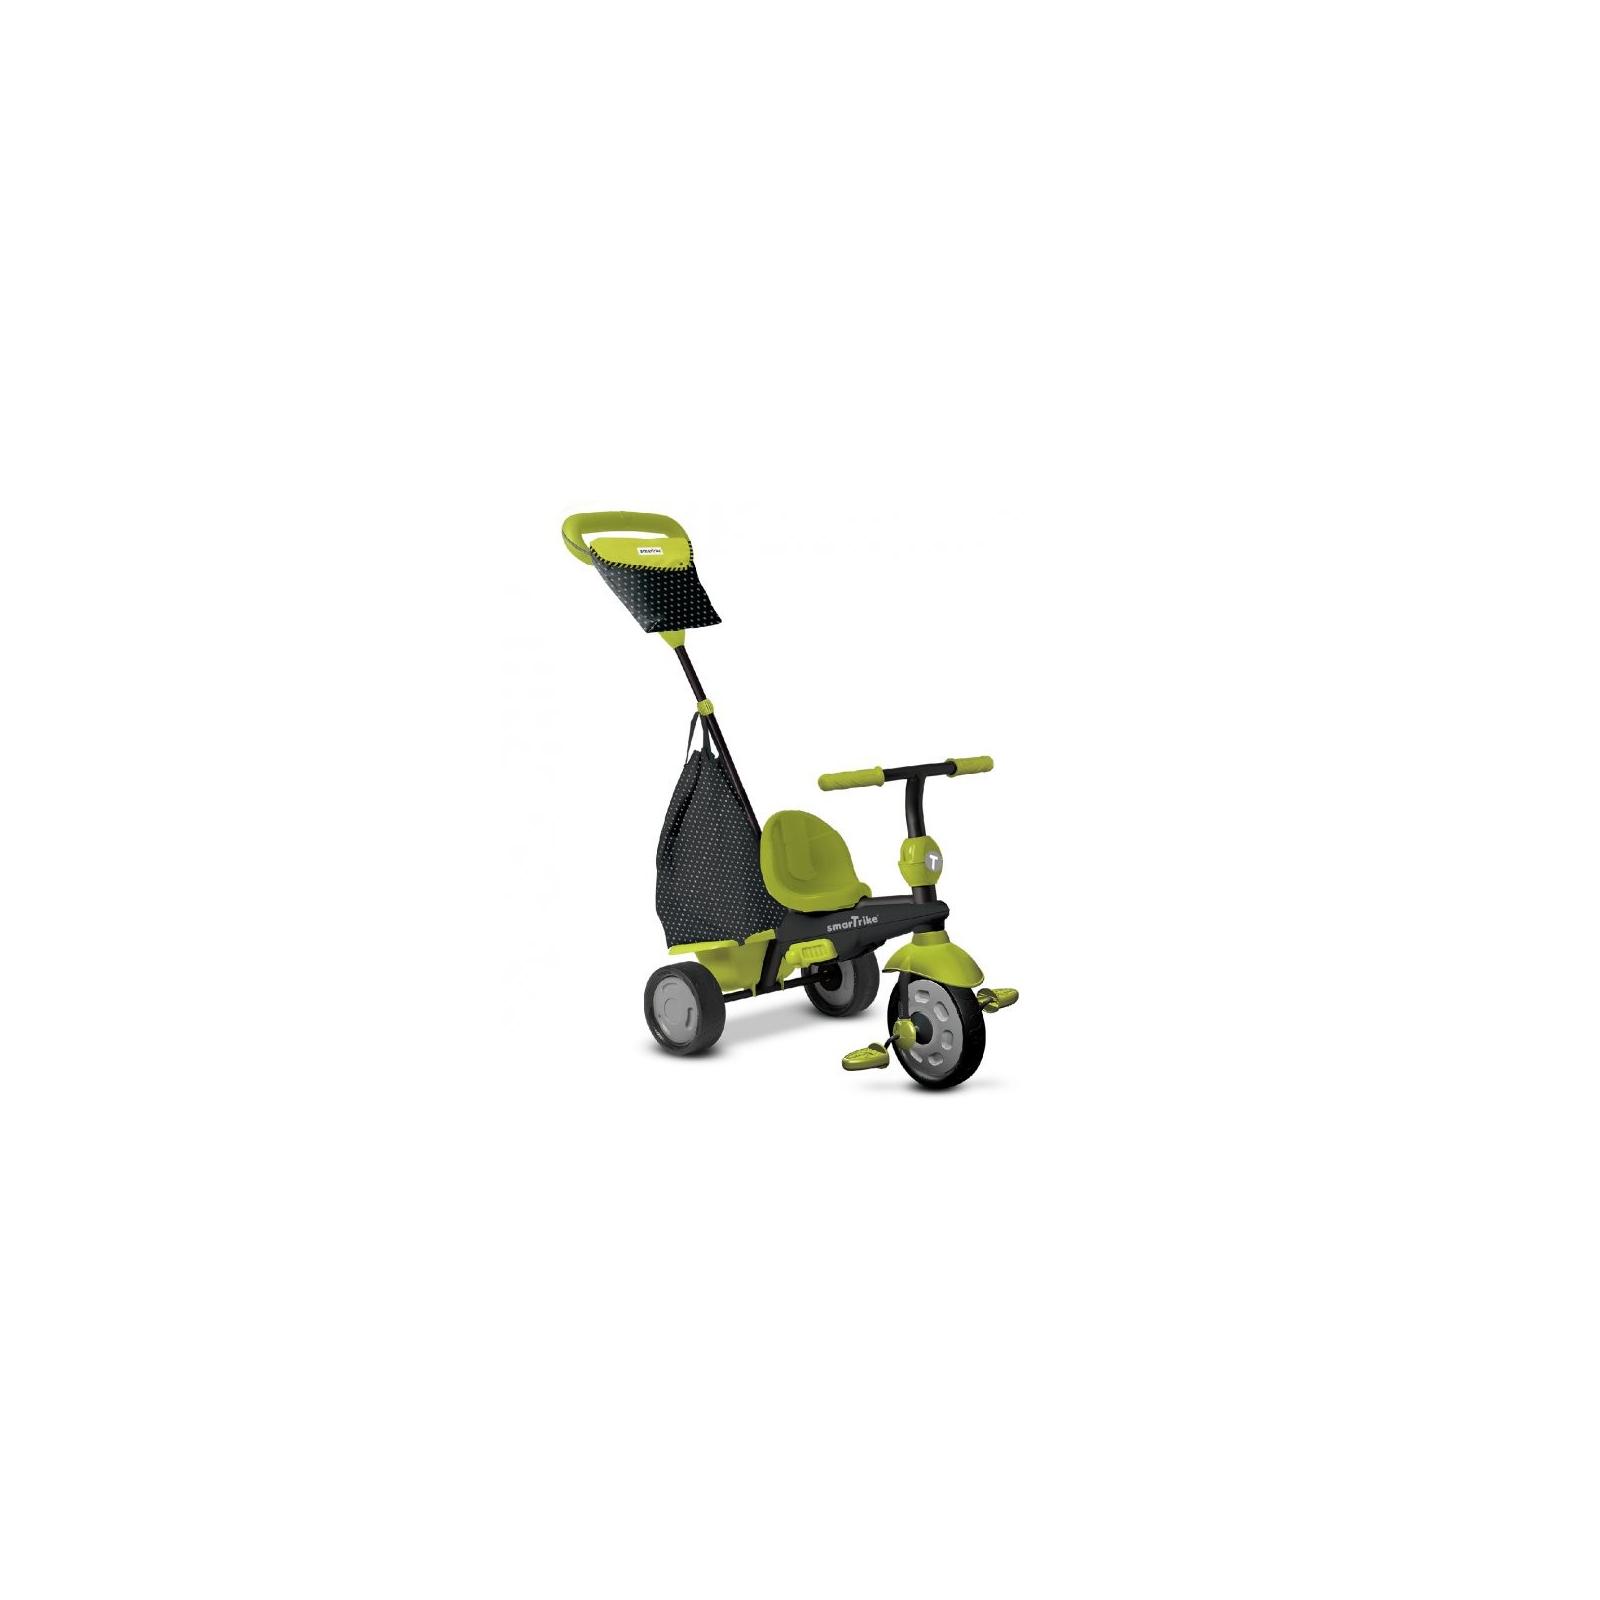 Детский велосипед Smart Trike Glow 4 в 1 Red (6401500) изображение 3